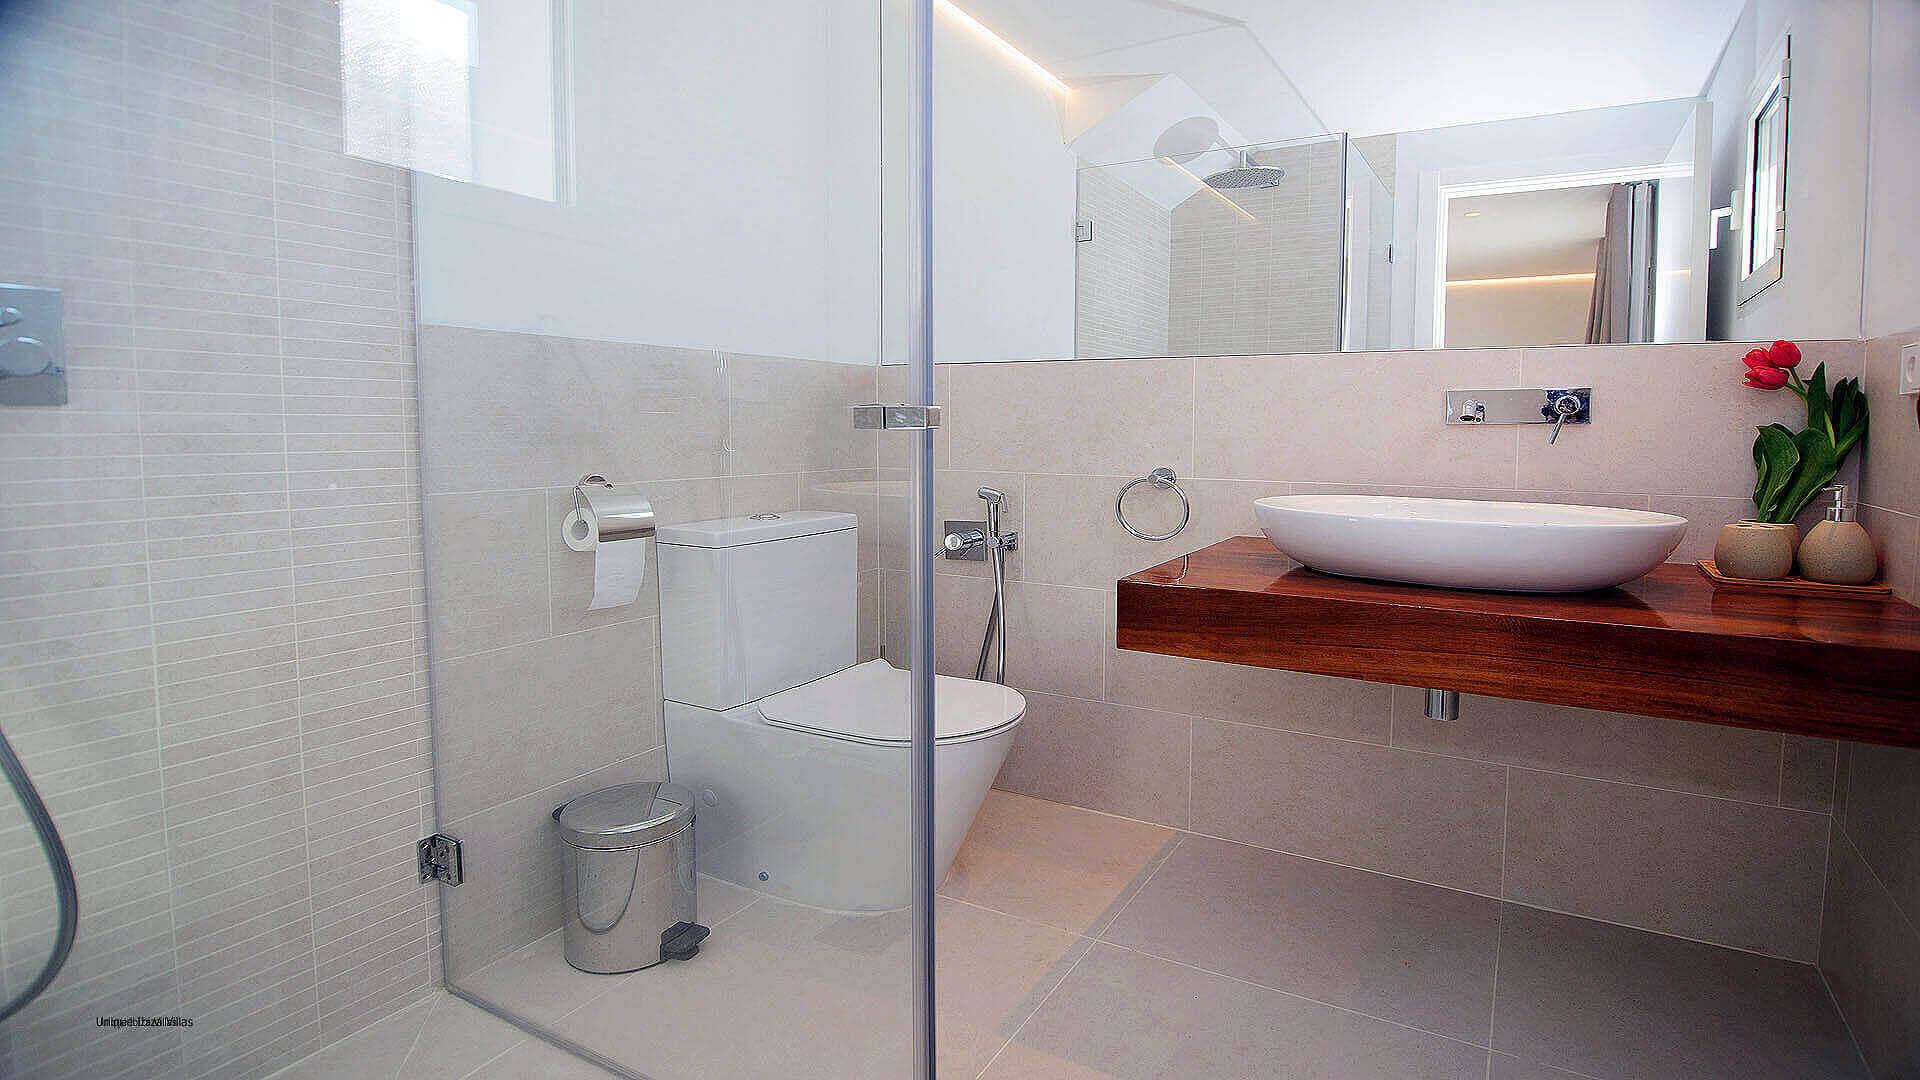 Sa Plana De Baix Ibiza 41 Bedroom 3 En Suite